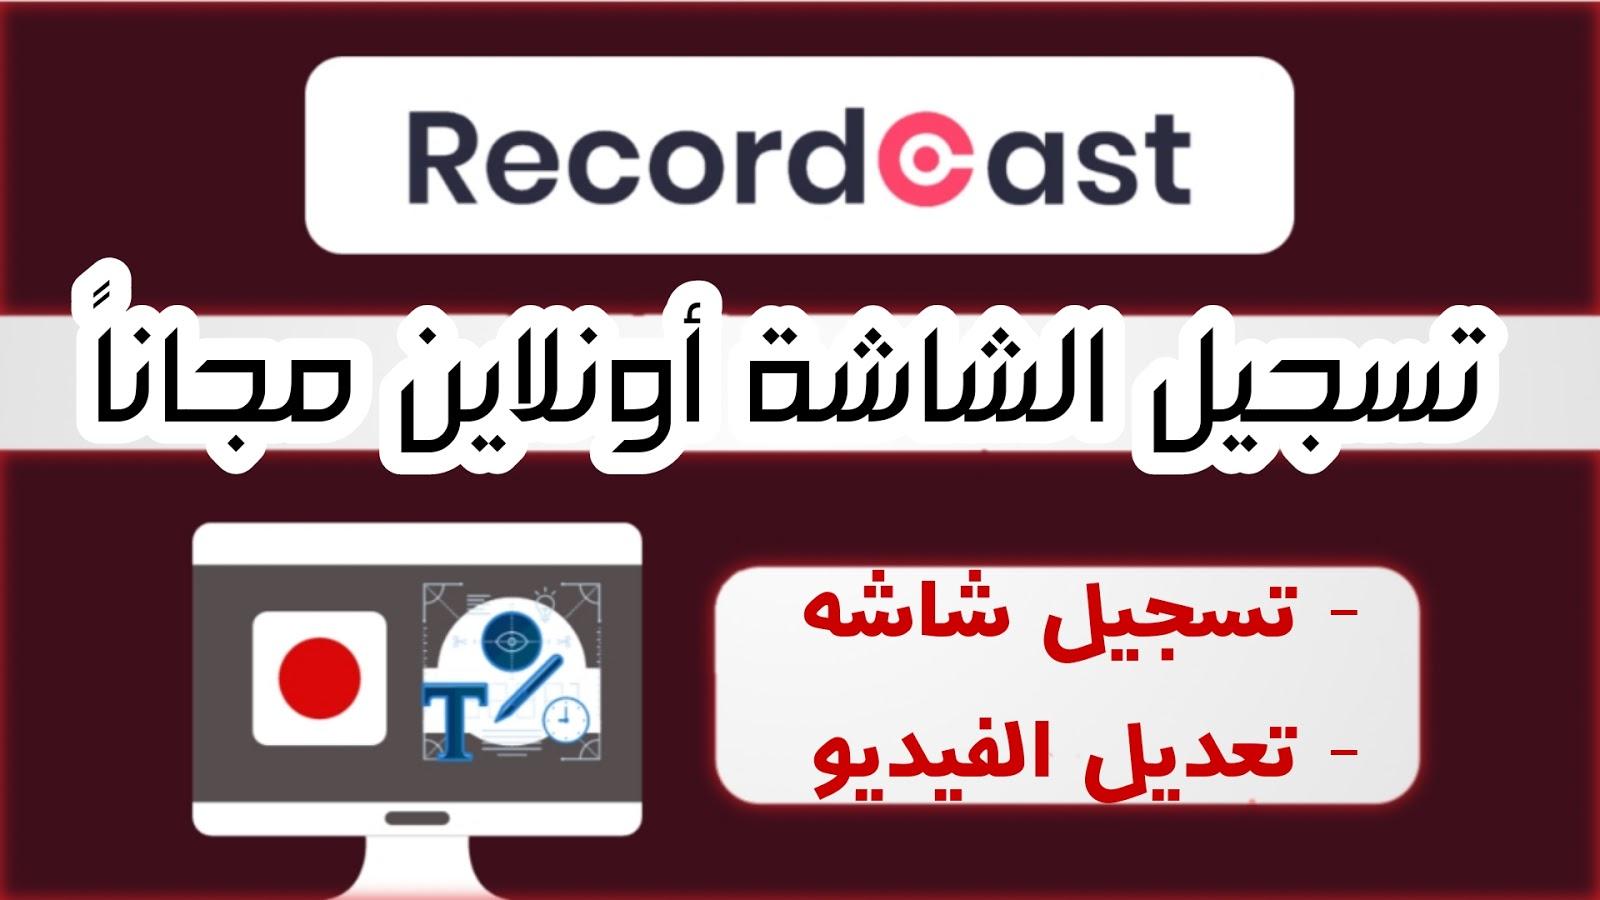 أفضل أداه لتسجيل الشاشة فيديو مجاناً - RecordCast